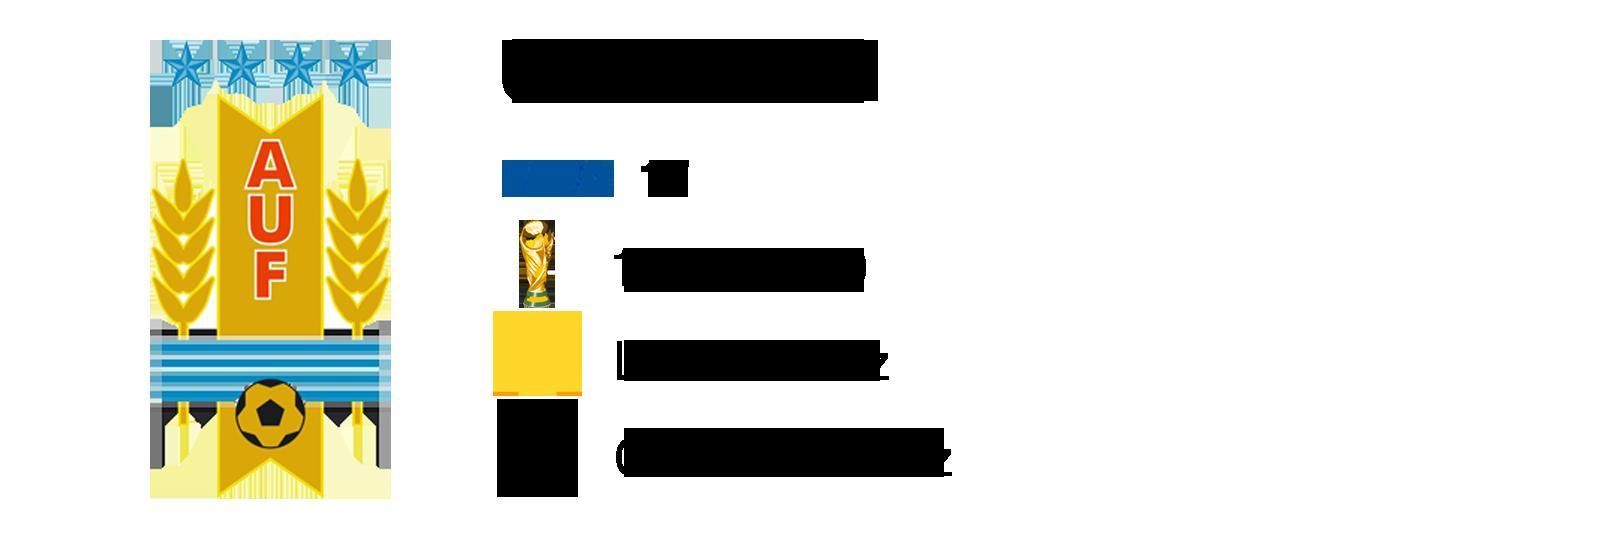 Uruguai Mundial Rússia 2018